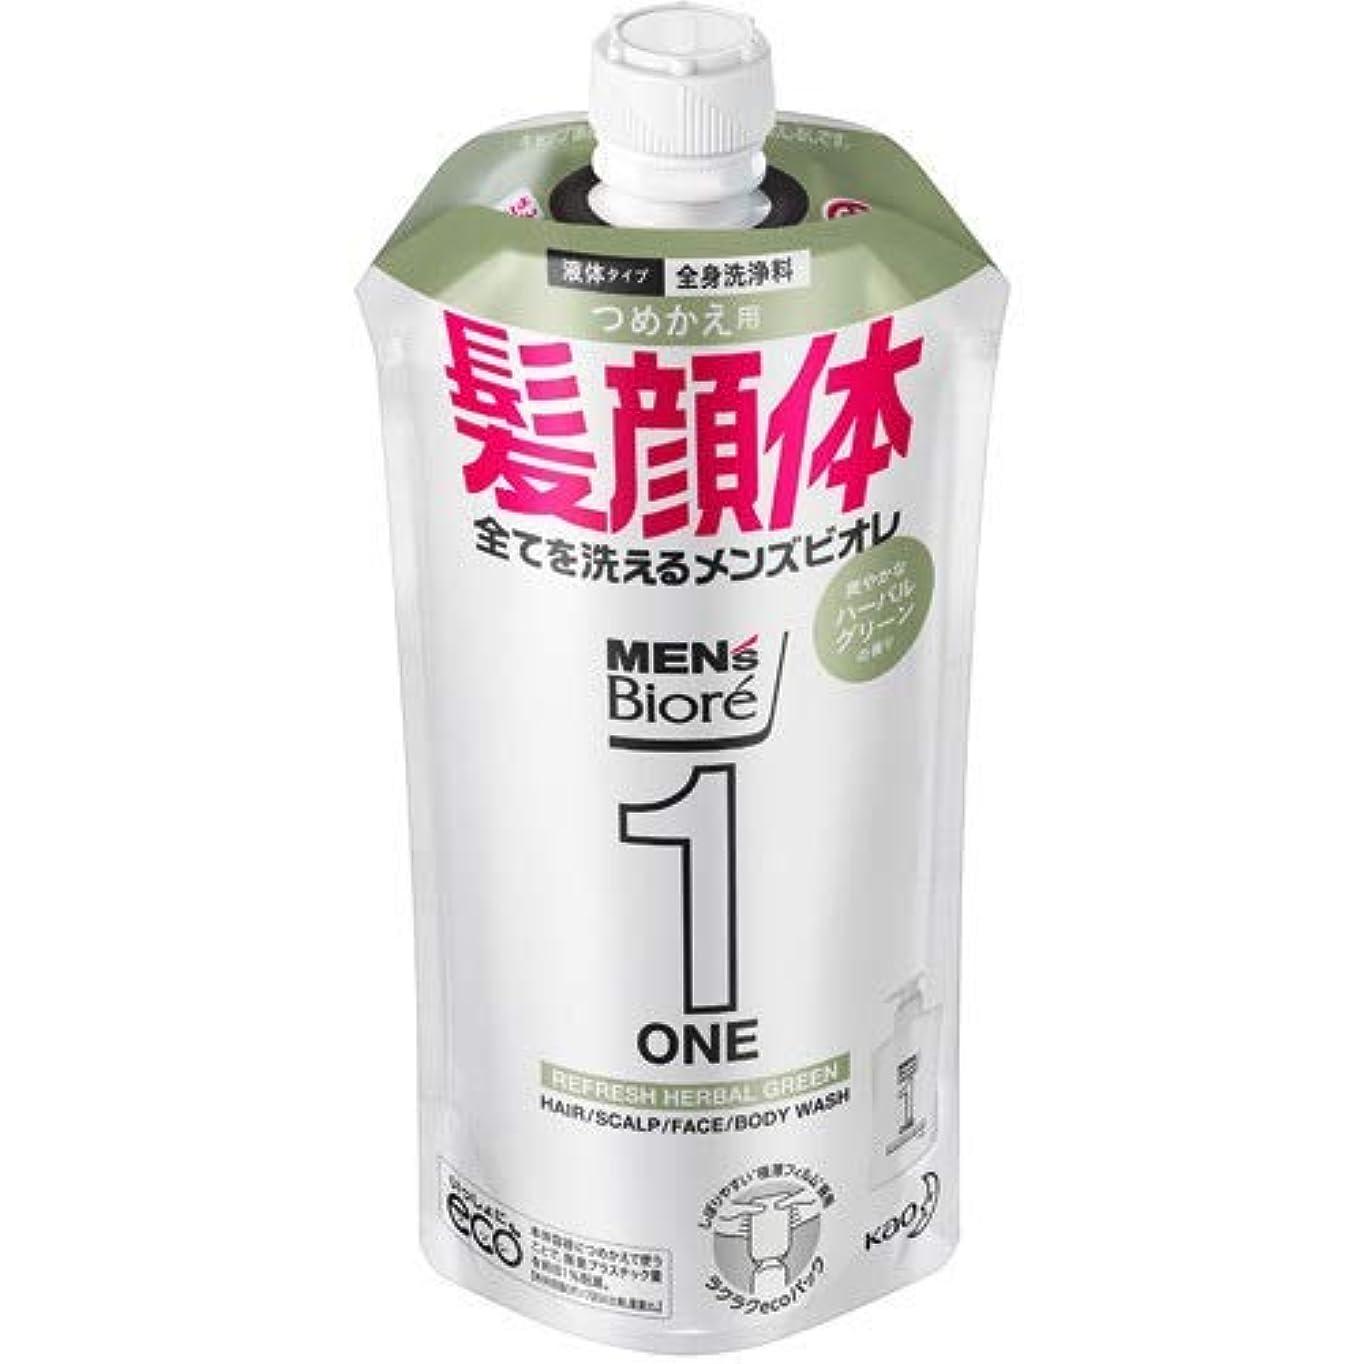 テクトニックシャンパンフォーク【10個セット】メンズビオレONE オールインワン全身洗浄料 爽やかなハーブルグリーンの香り つめかえ用 340mL